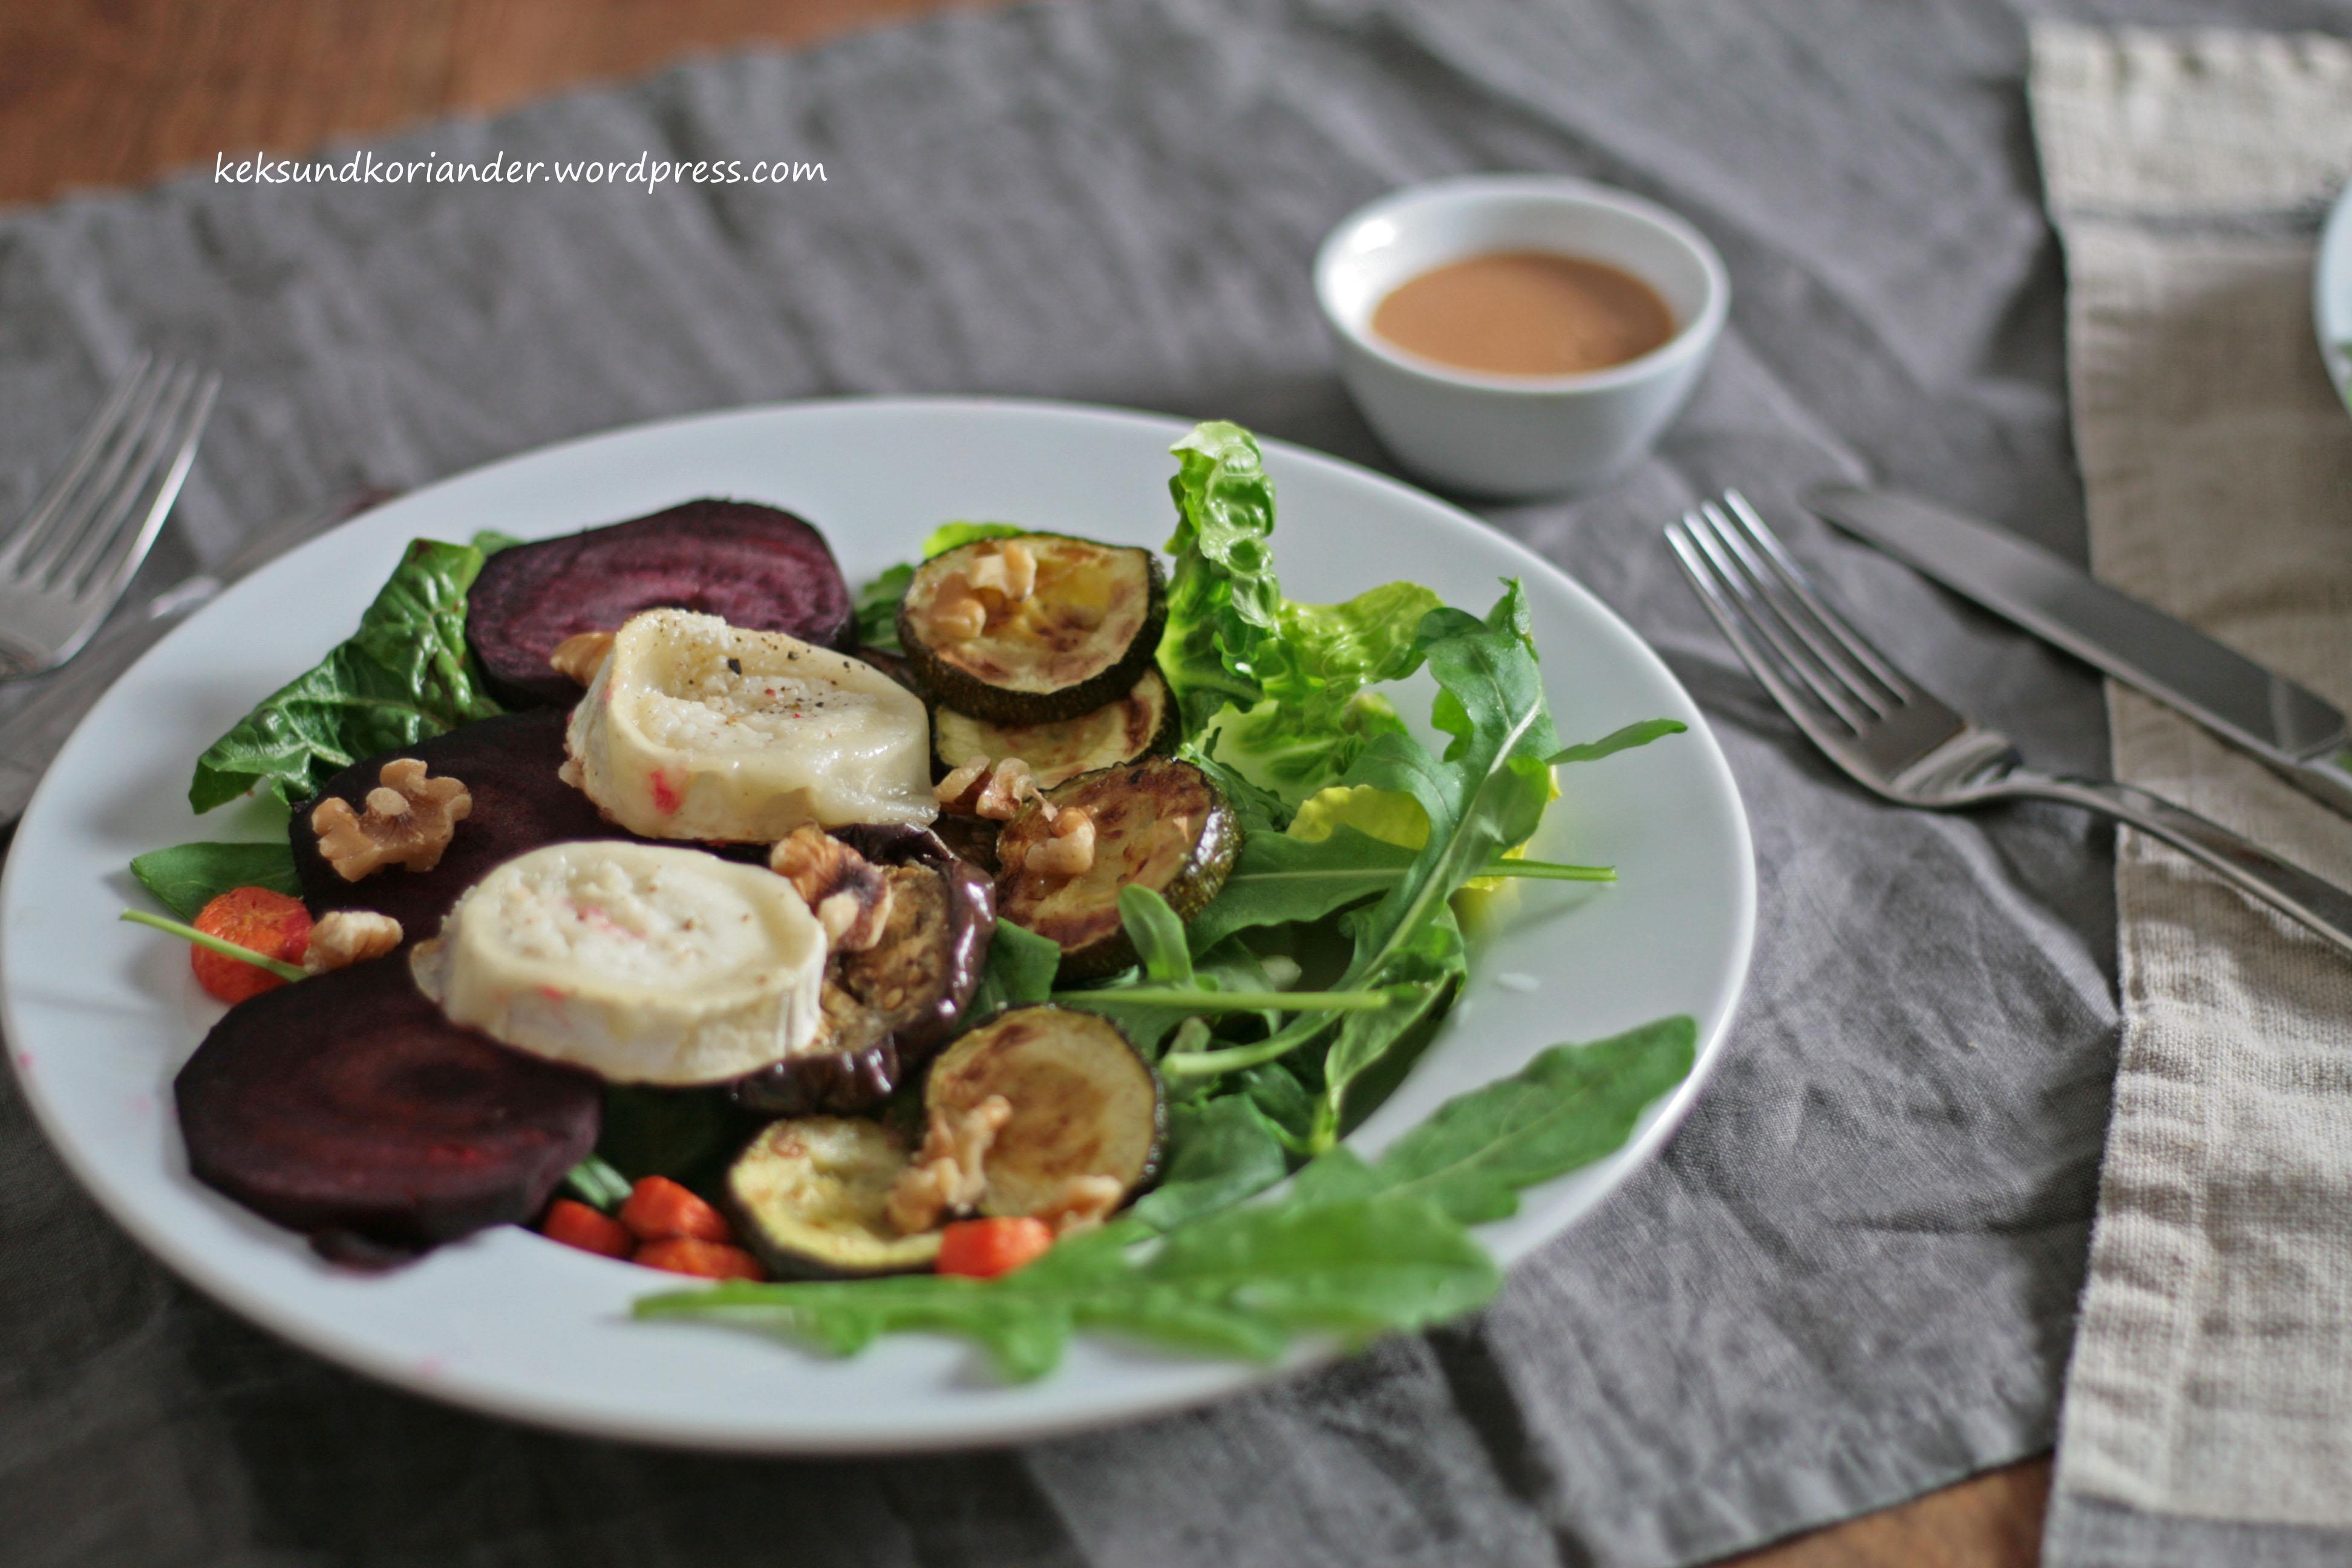 Salat mit Ofengemüse roter Beete Karotten Zucchini Aubergine Rucola und Ziegenkäse Walnüsse2